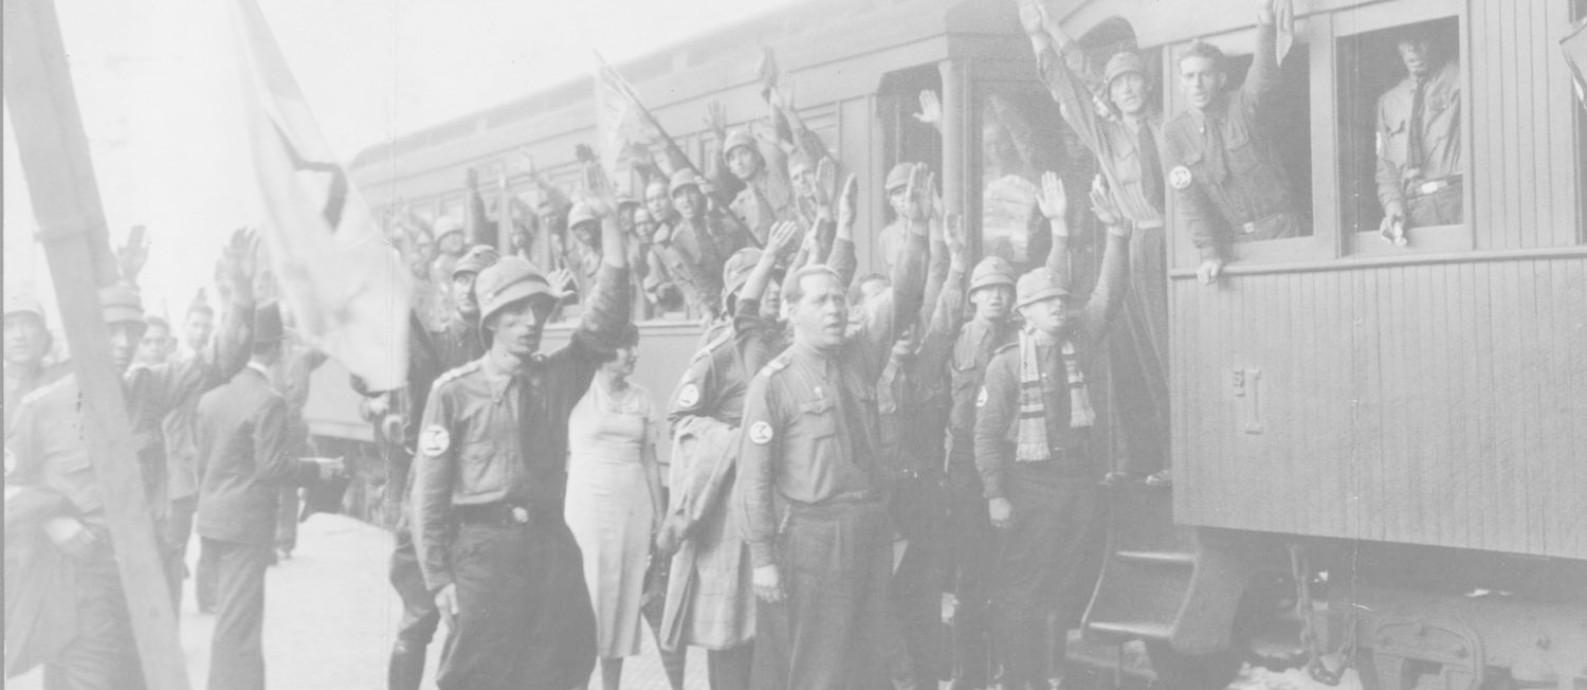 Manifestação de integralistas em 1930 Foto: Arquivo / O GLOBO